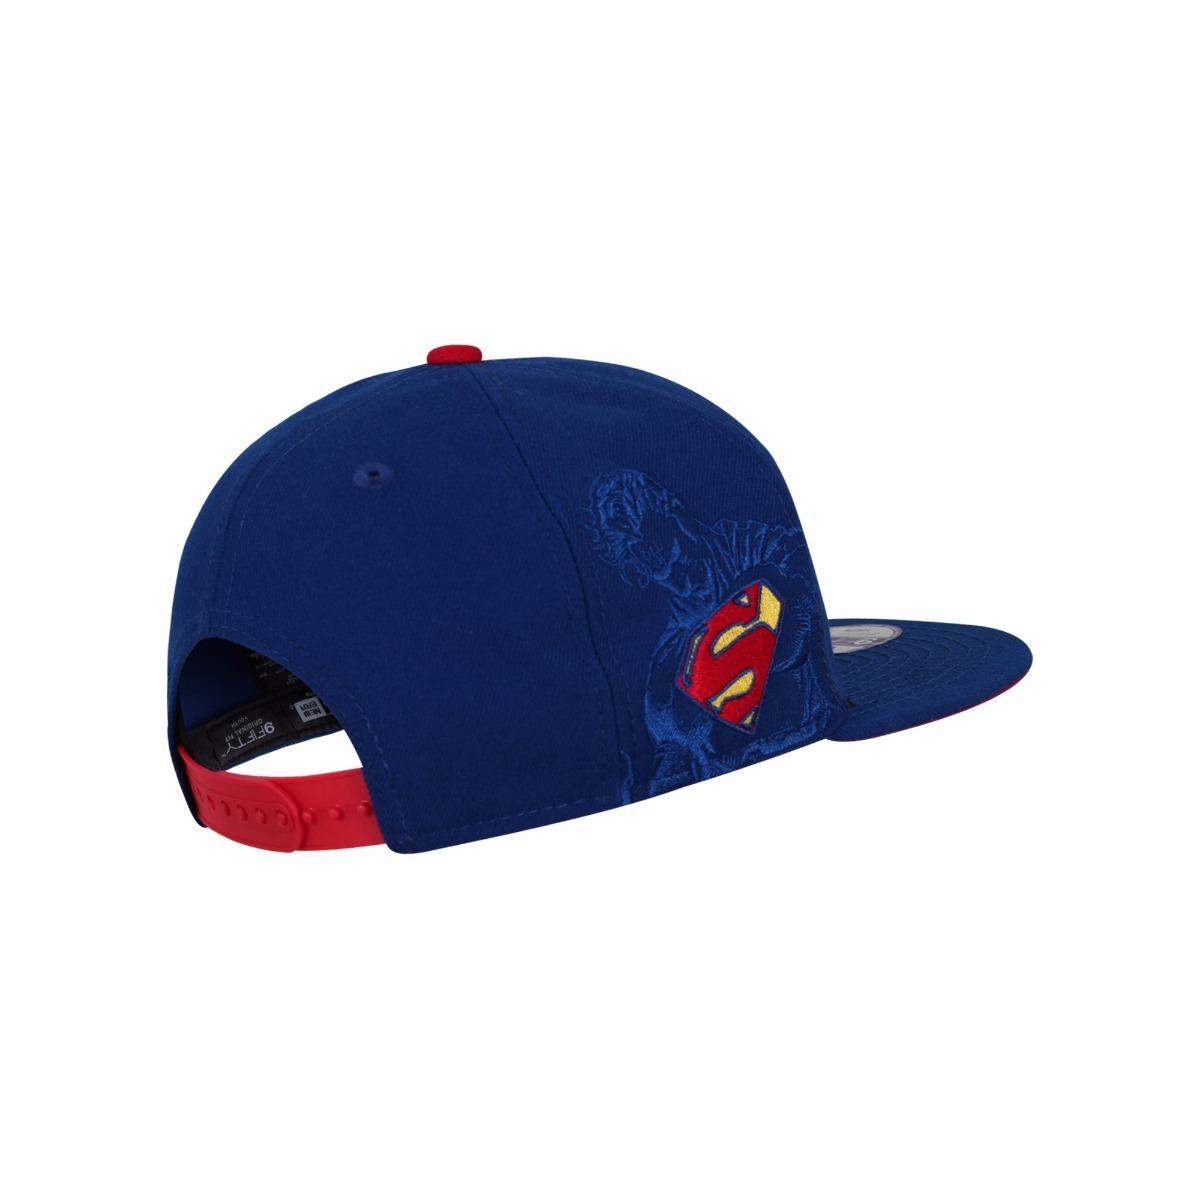 Gorra New Era 9fifty Superman - Niño -   449.00 en Mercado Libre e93d1ec4adc